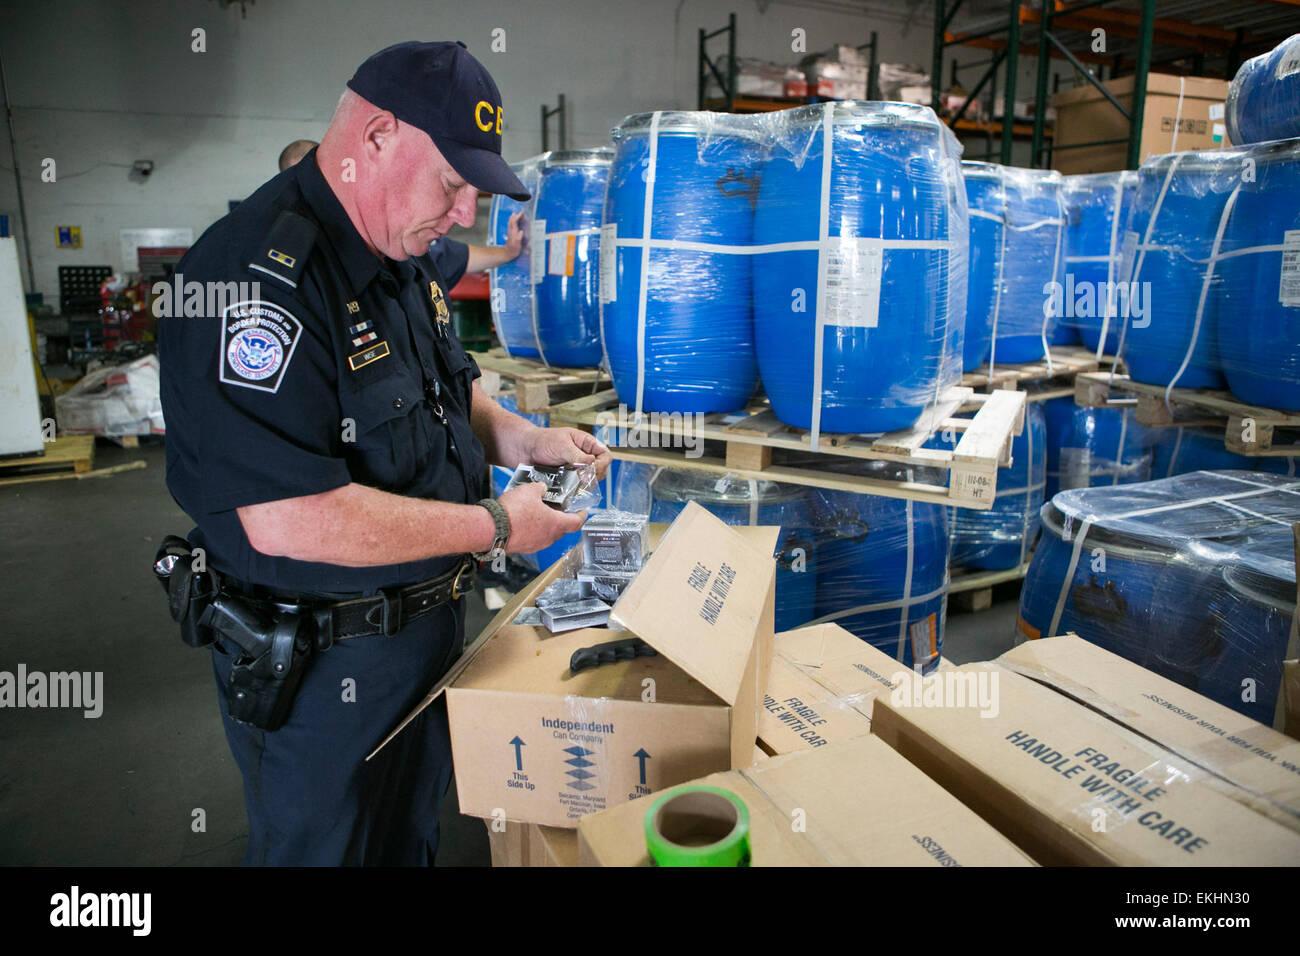 cbp officers inspect cargo arriving to the port of philadelphia james tourtellotte stock image cbp officer job description